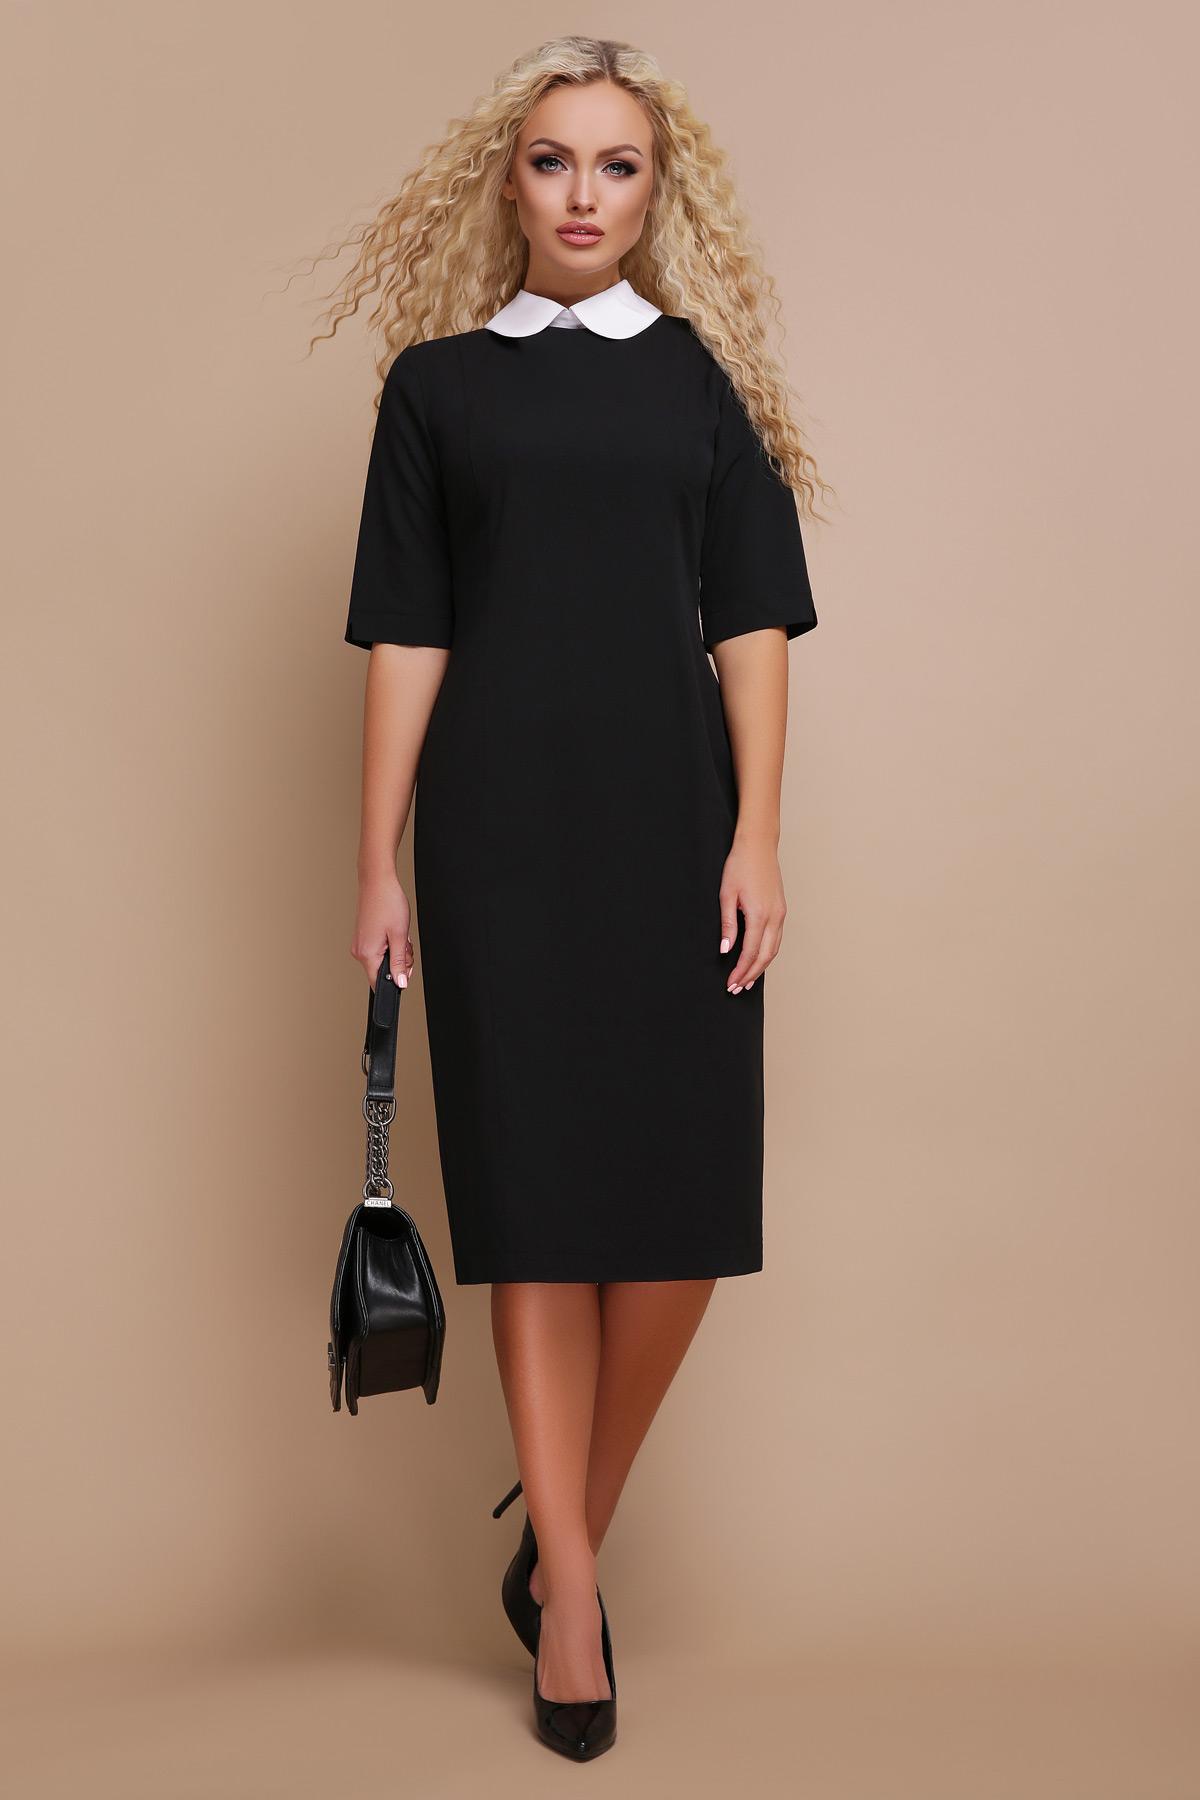 e5f9b7c23417c0d строгое черное платье. платье Ундина 3/4. Цвет: черный